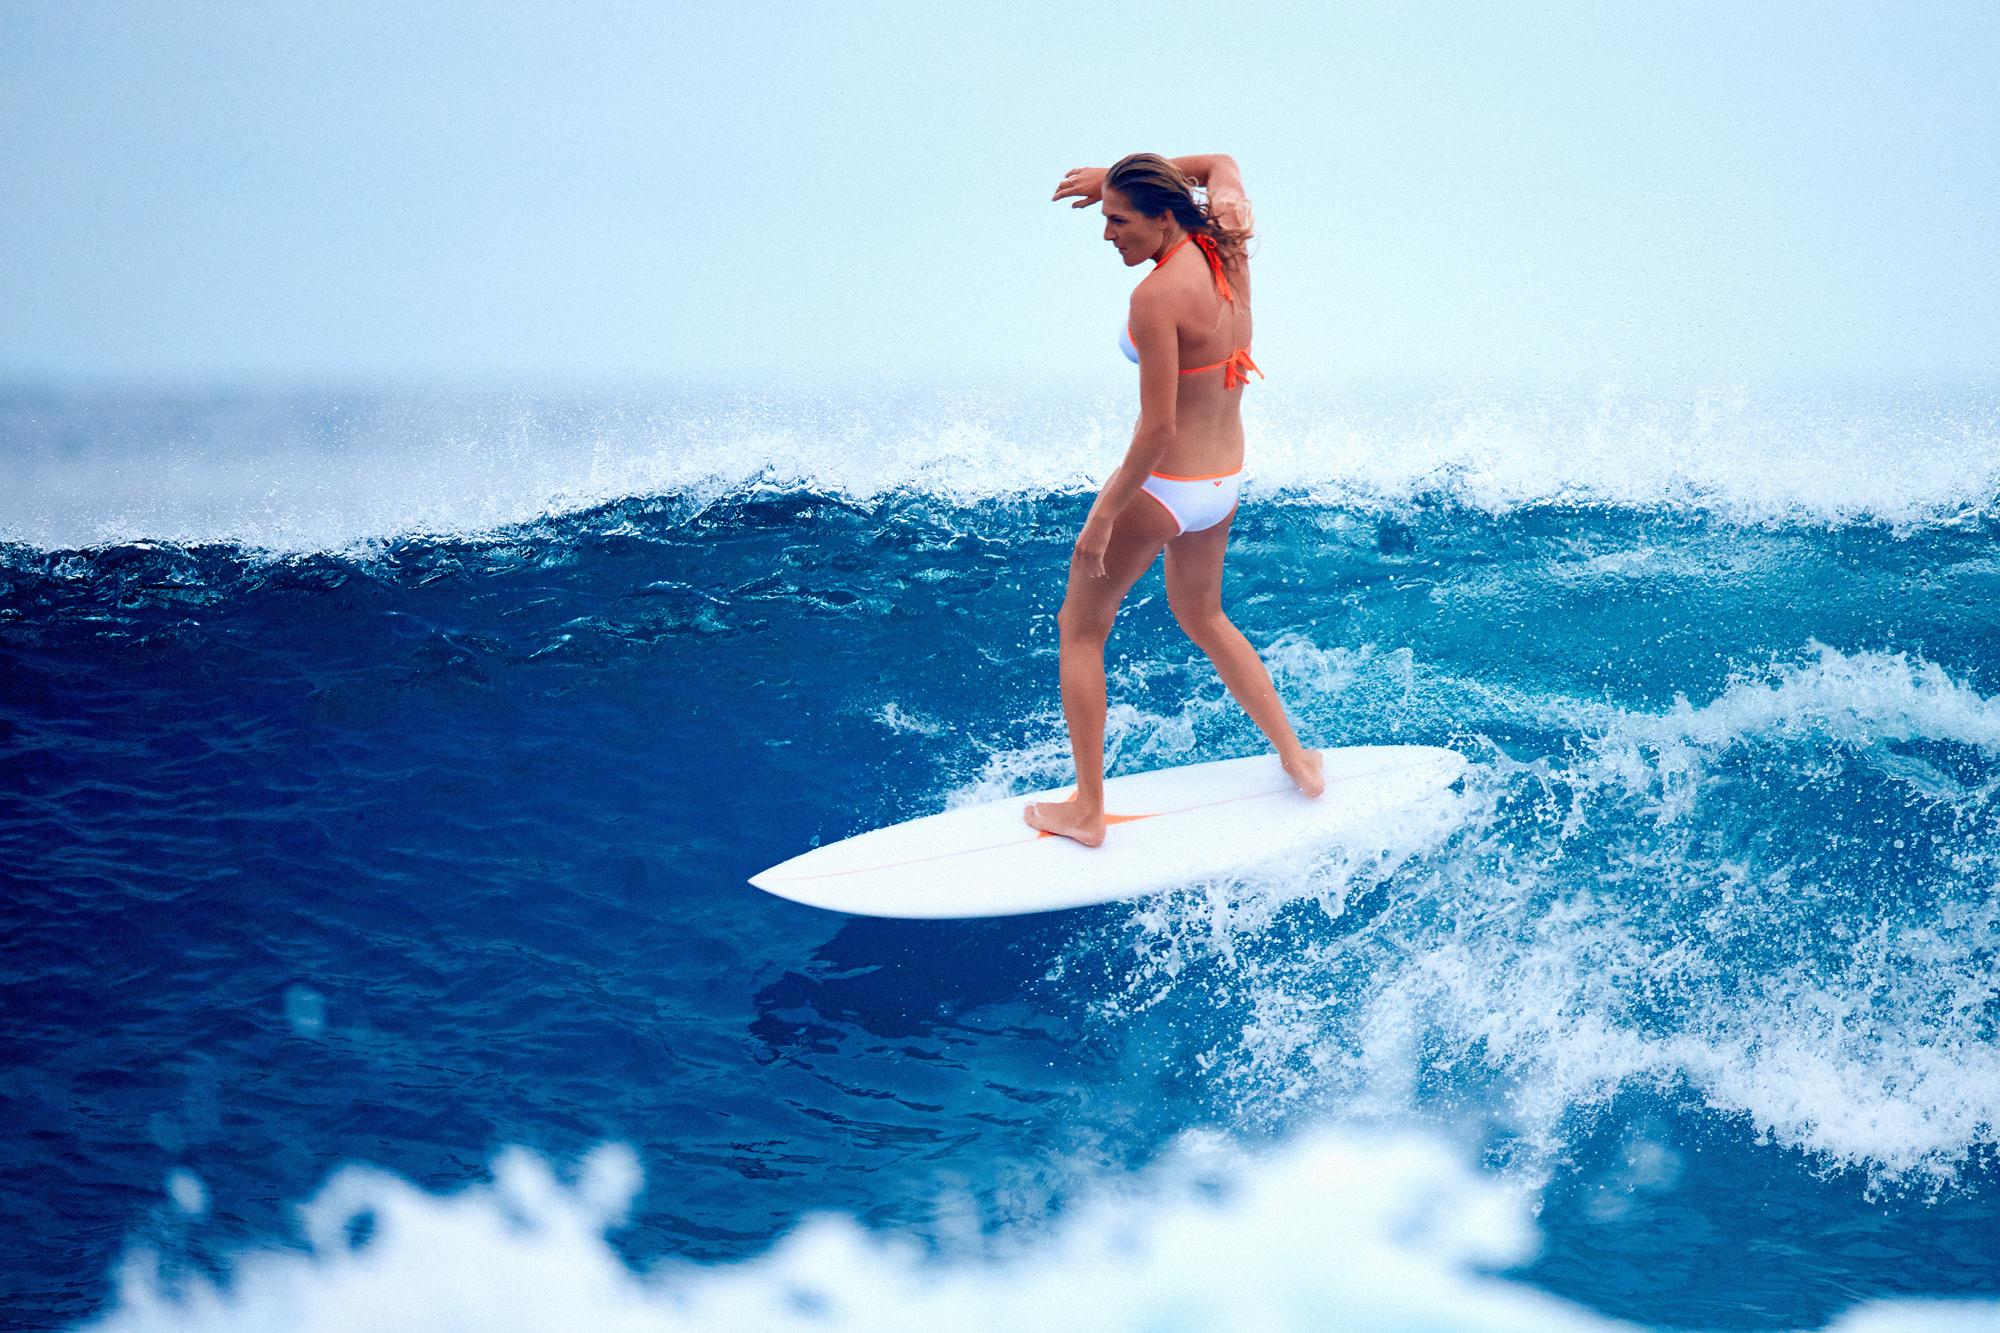 entrainement sportif de la surfeuse stephanie gilmore